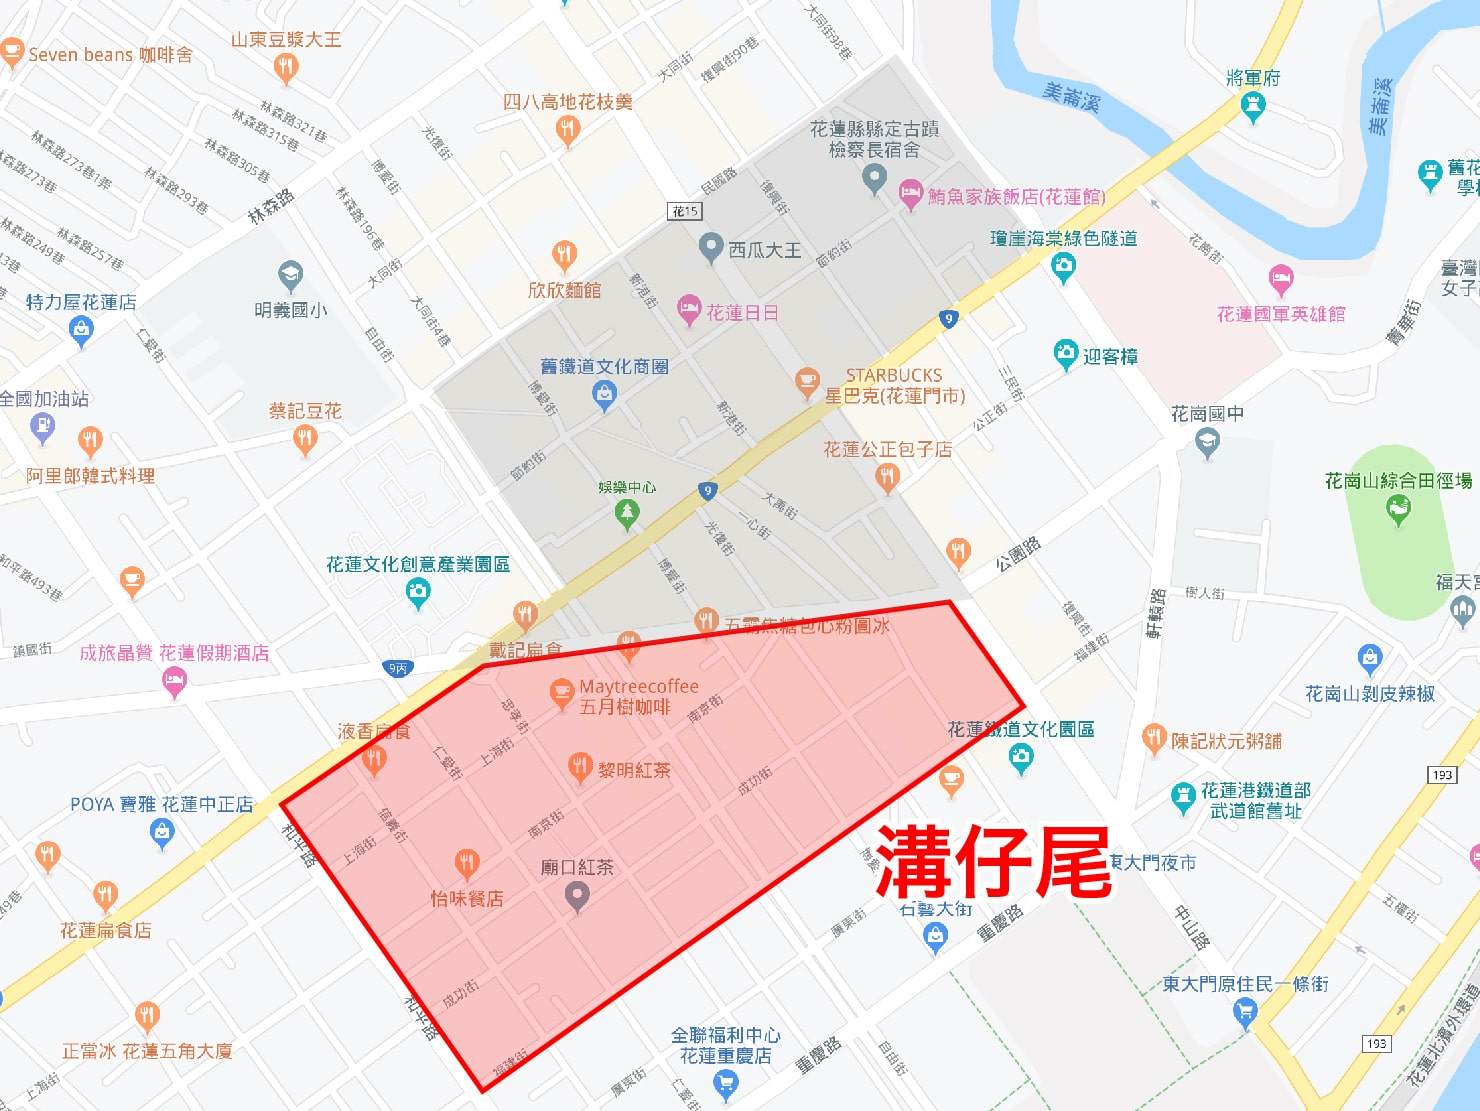 台湾・花蓮のおすすめ観光スポット「溝仔尾」のマップ